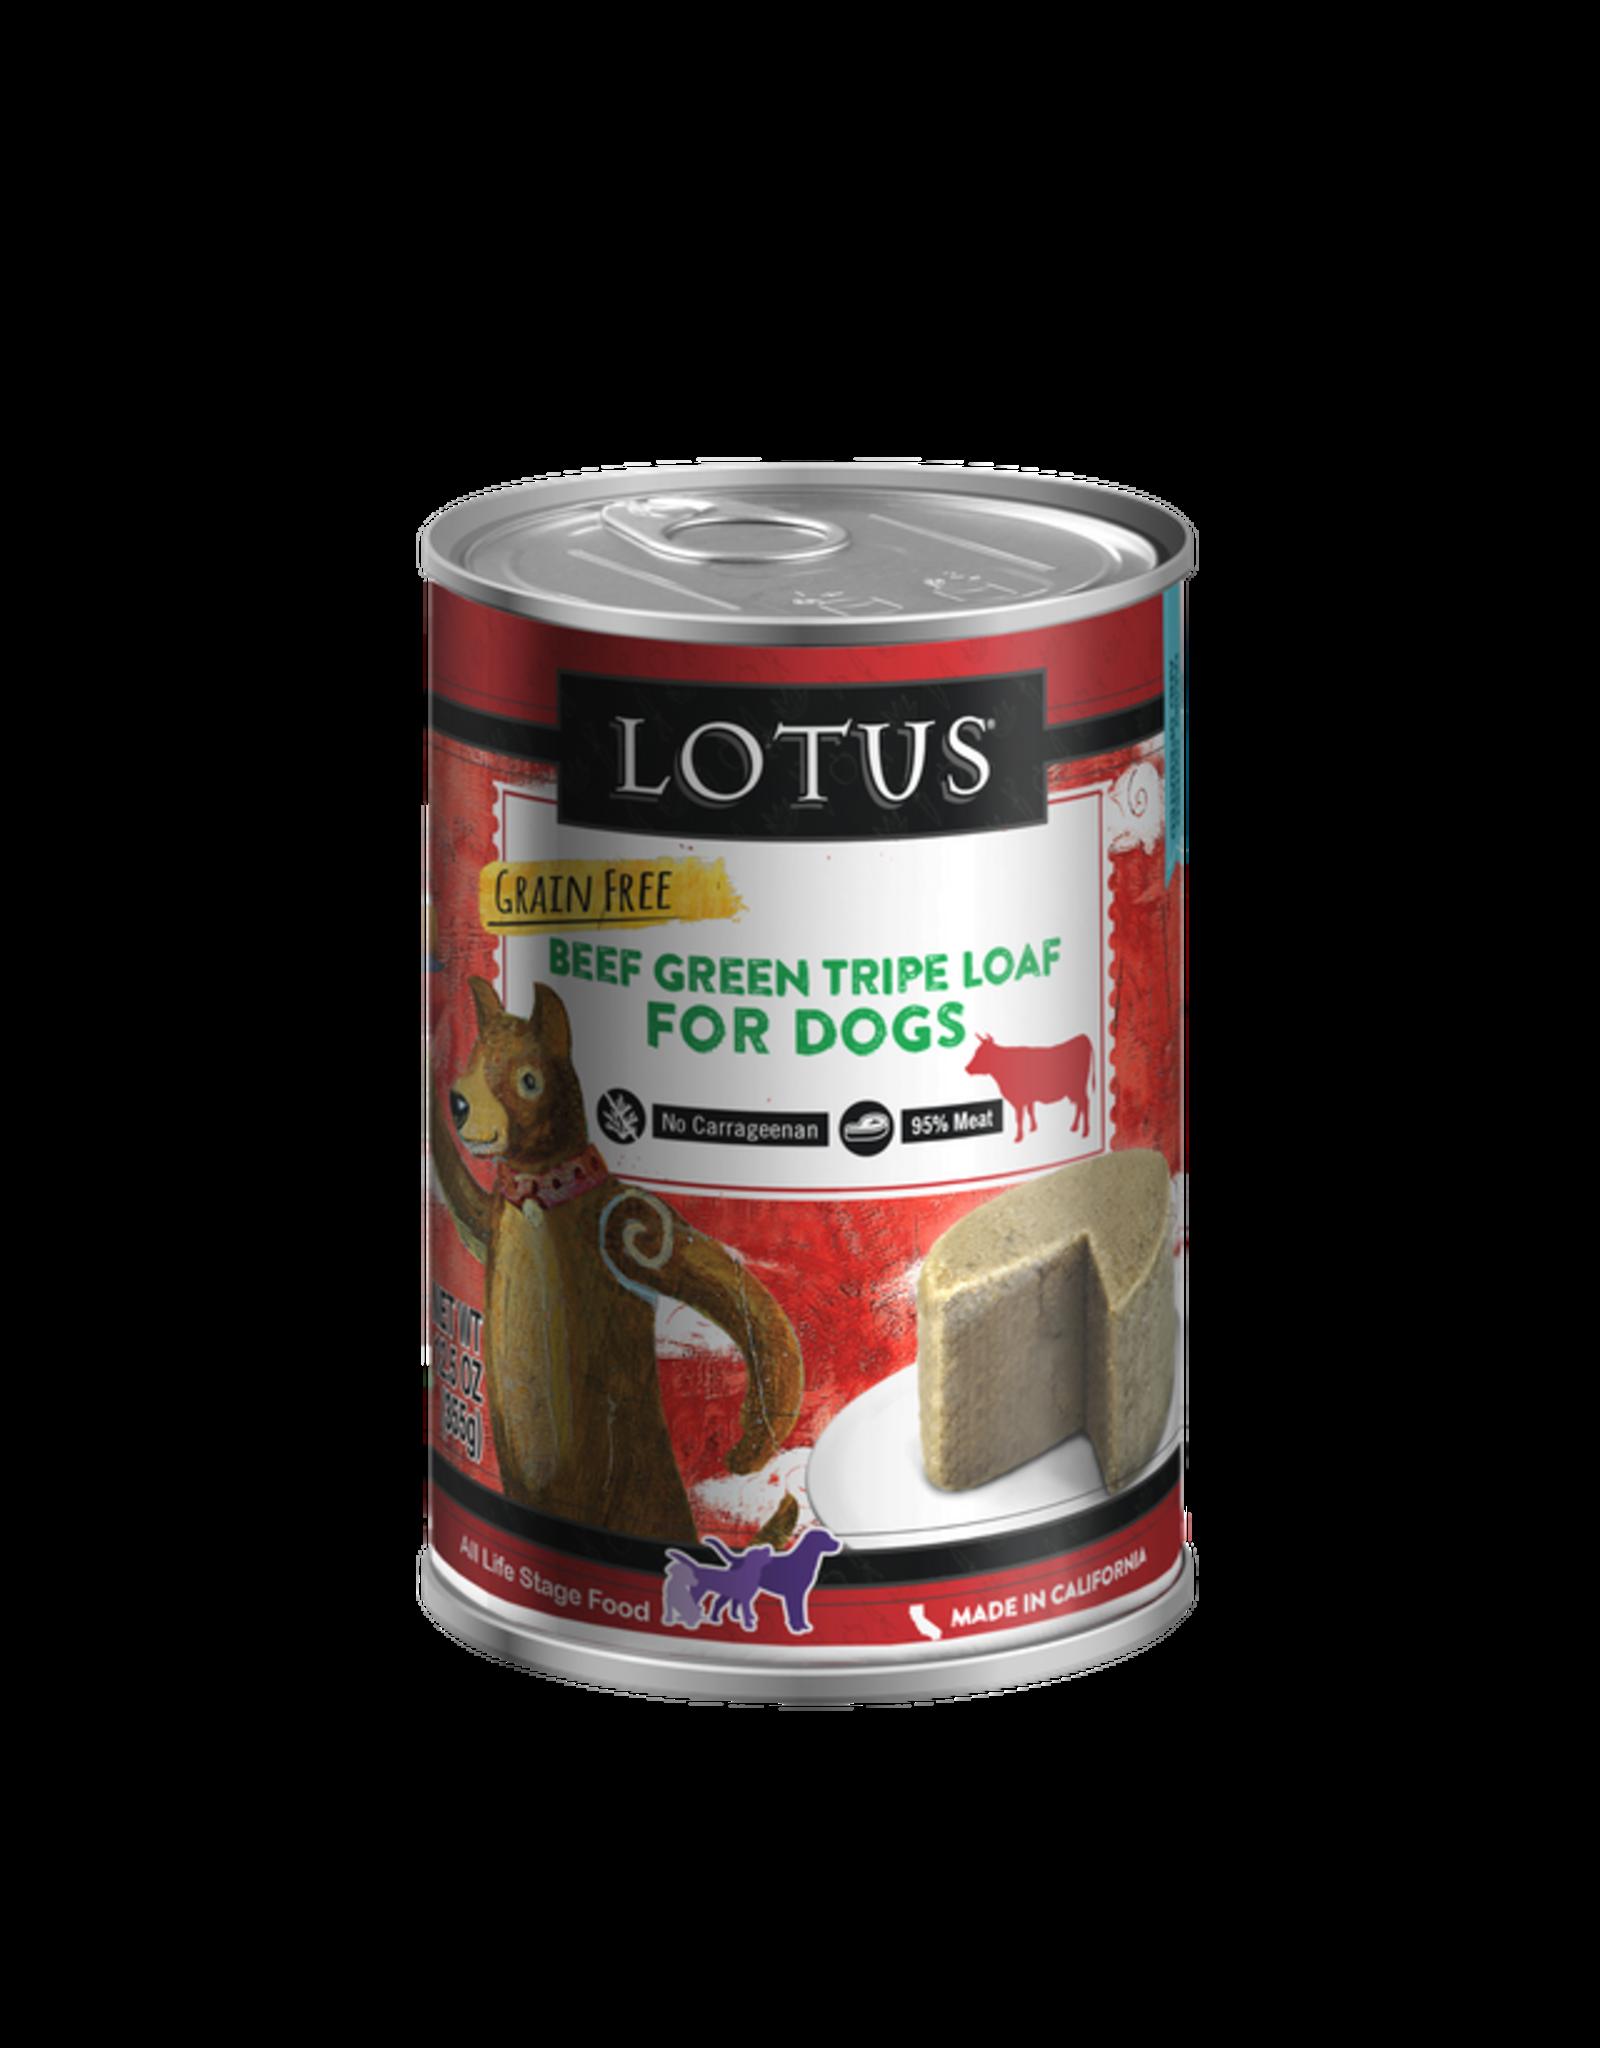 Lotus Pet Food Lotus Dog Green Tripe 12.5oz